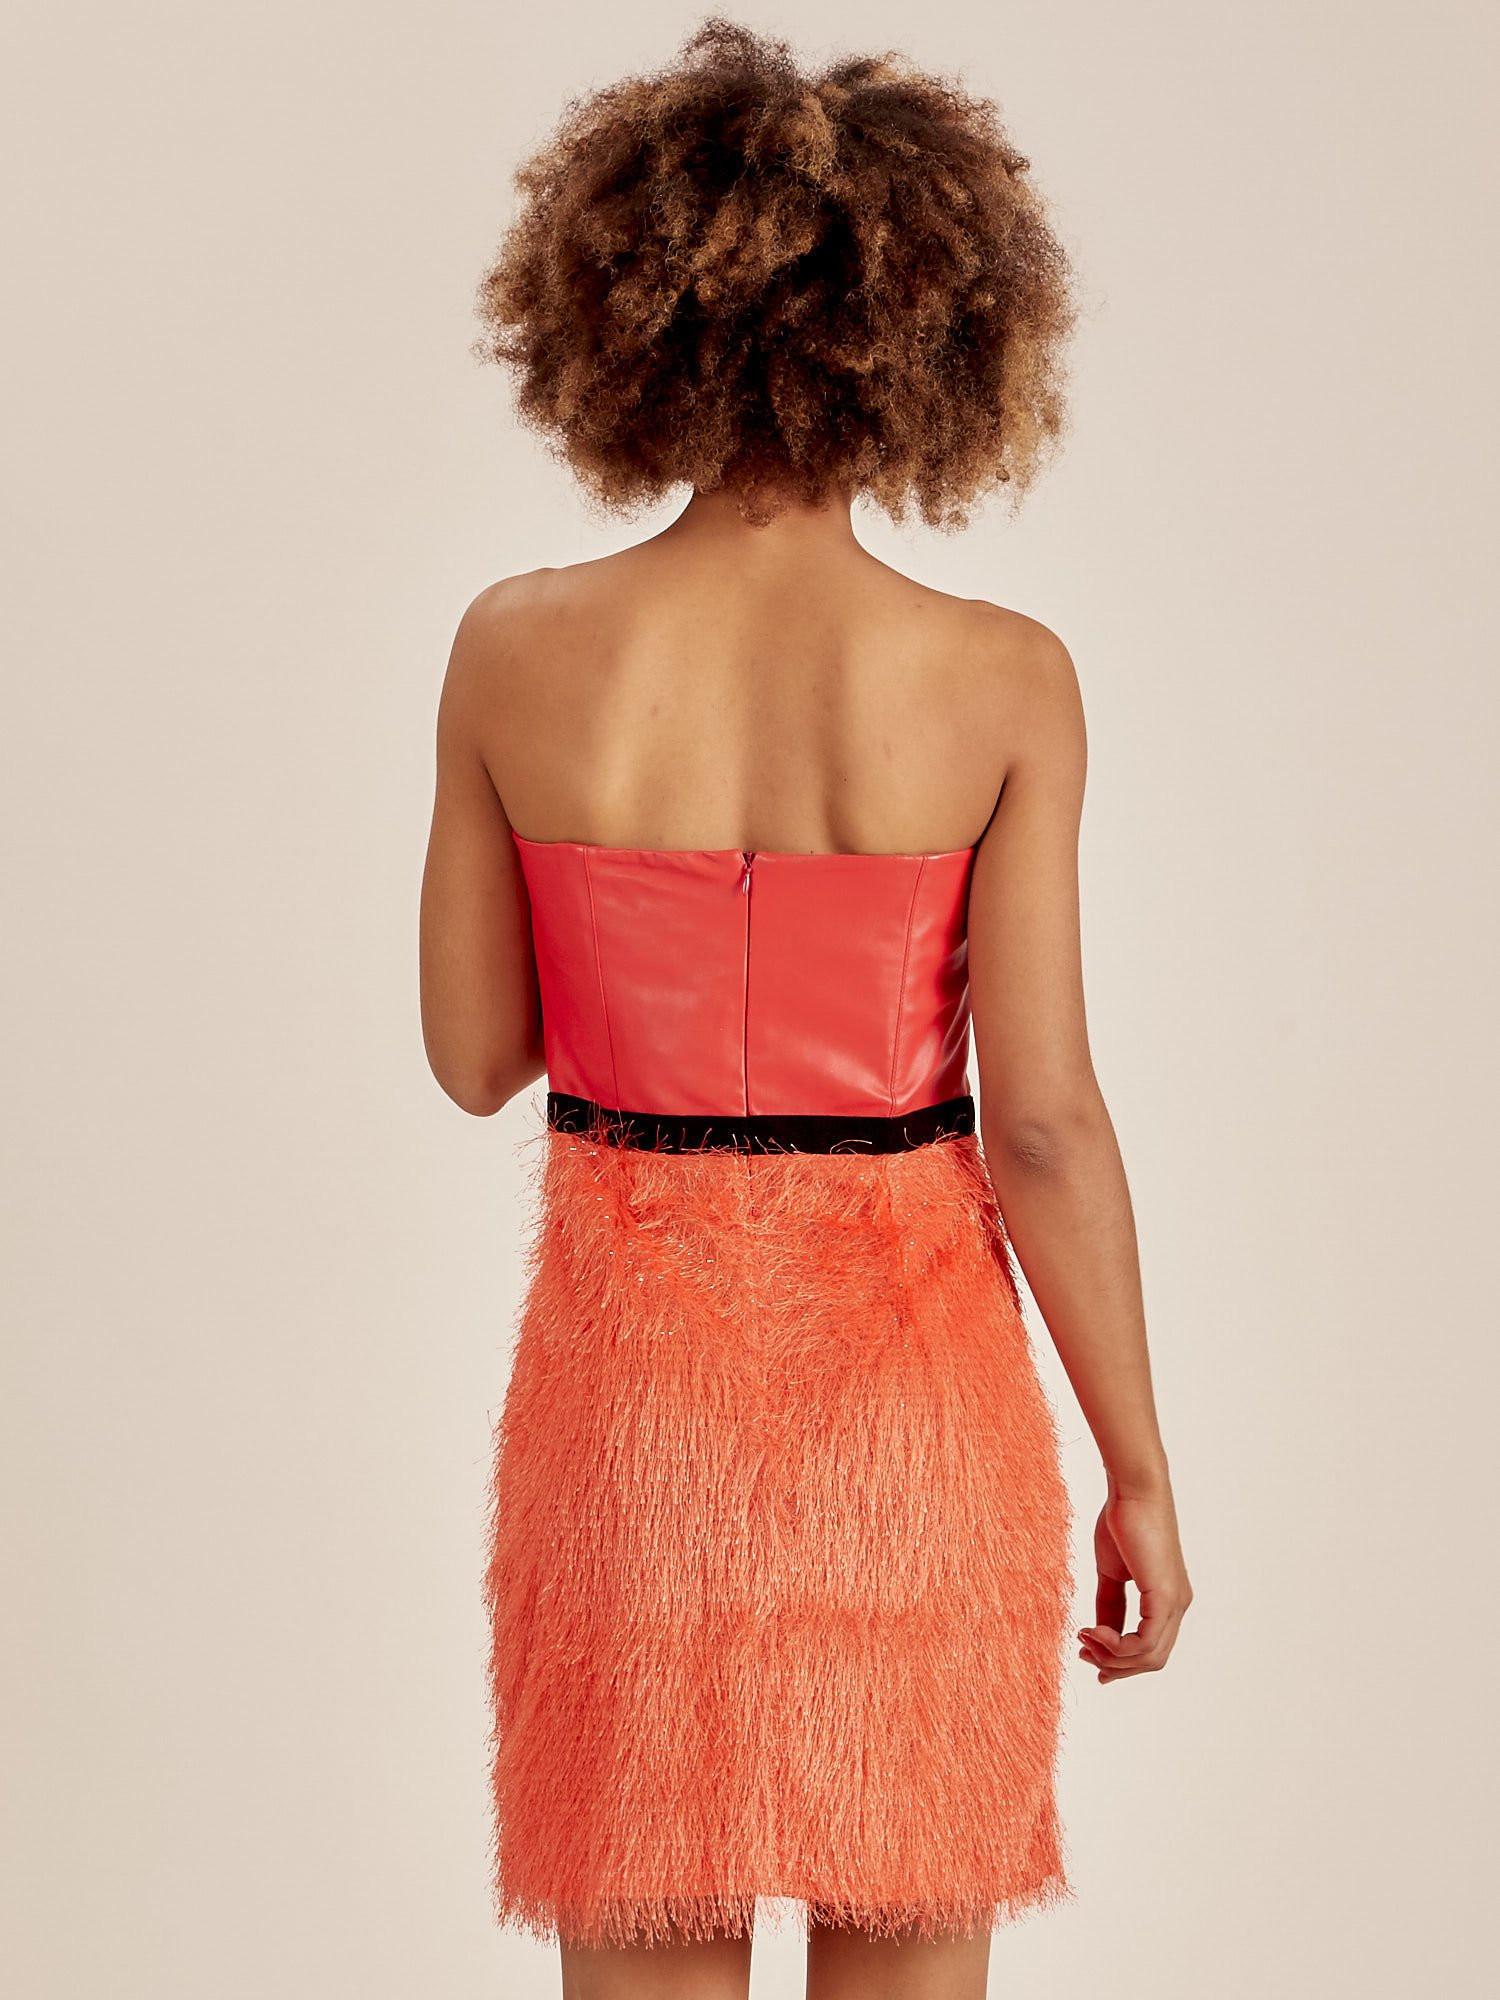 Oranžové dámské šaty s třásněmi ve spodní části 36